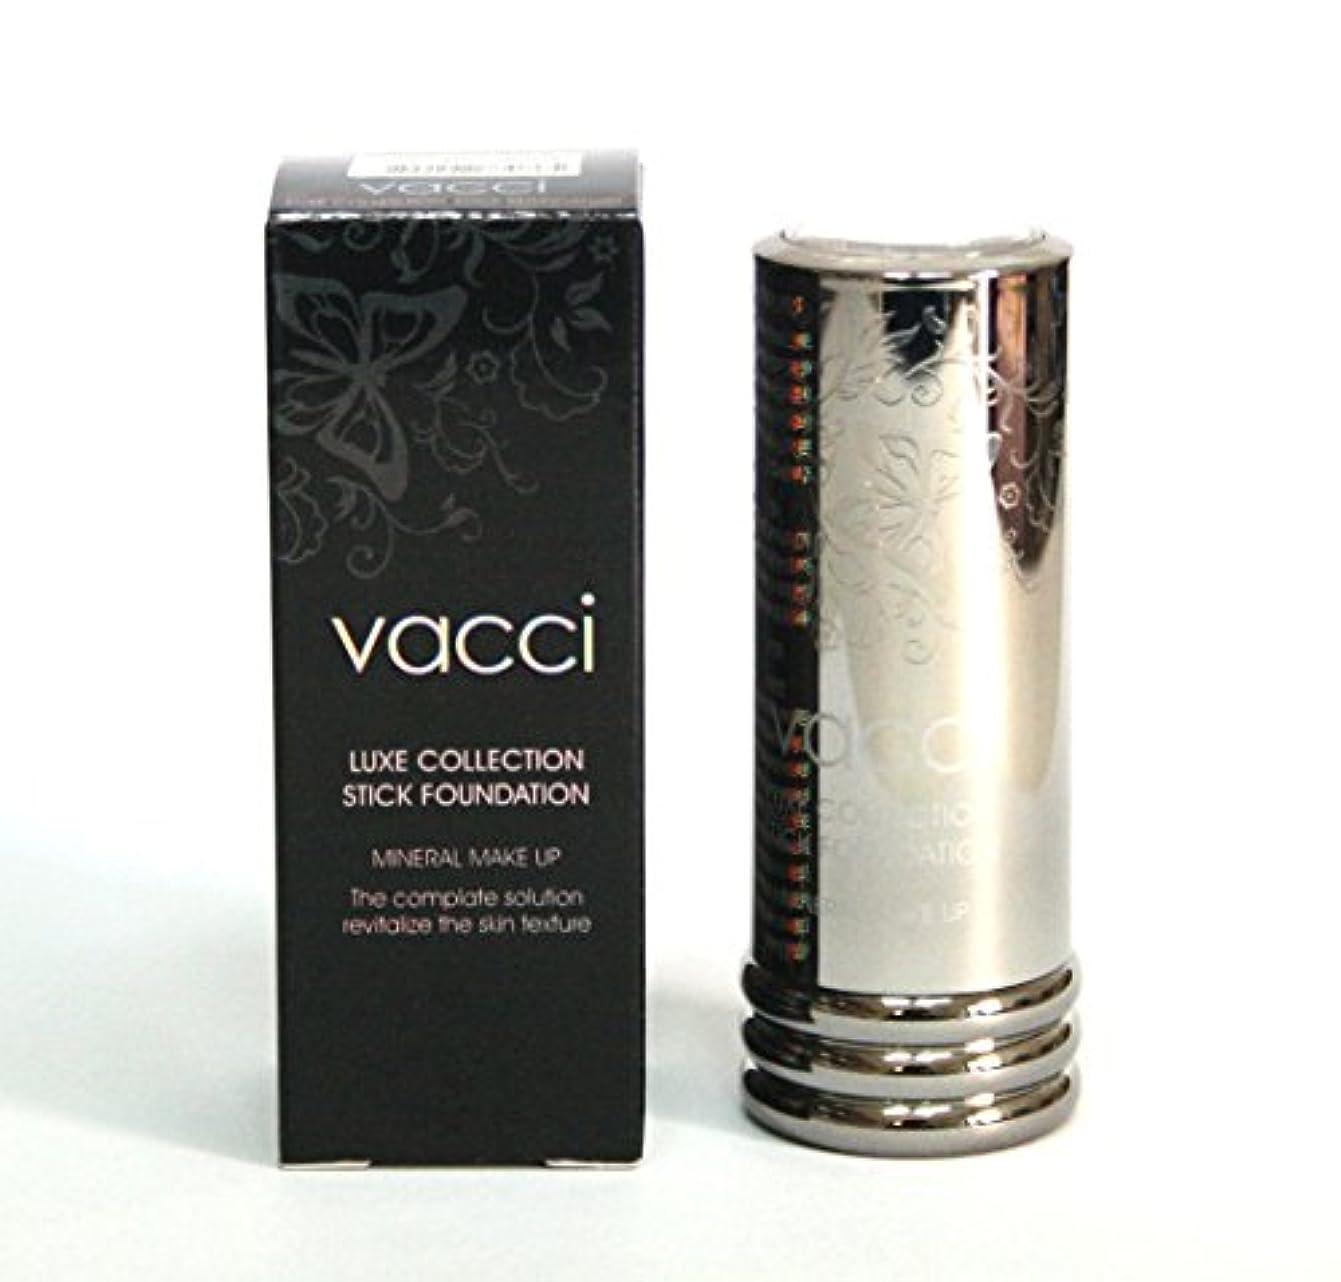 クライアント頼る比べる[VACCI] スティックファンデーション13g / LUXE COLLECTION Stick Foundation 13g / に皮脂コントロール / sebum control / #33ダークベージュ / #33 Dark beige/ 韓国化粧品 / Korean Cosmetics [並行輸入品]